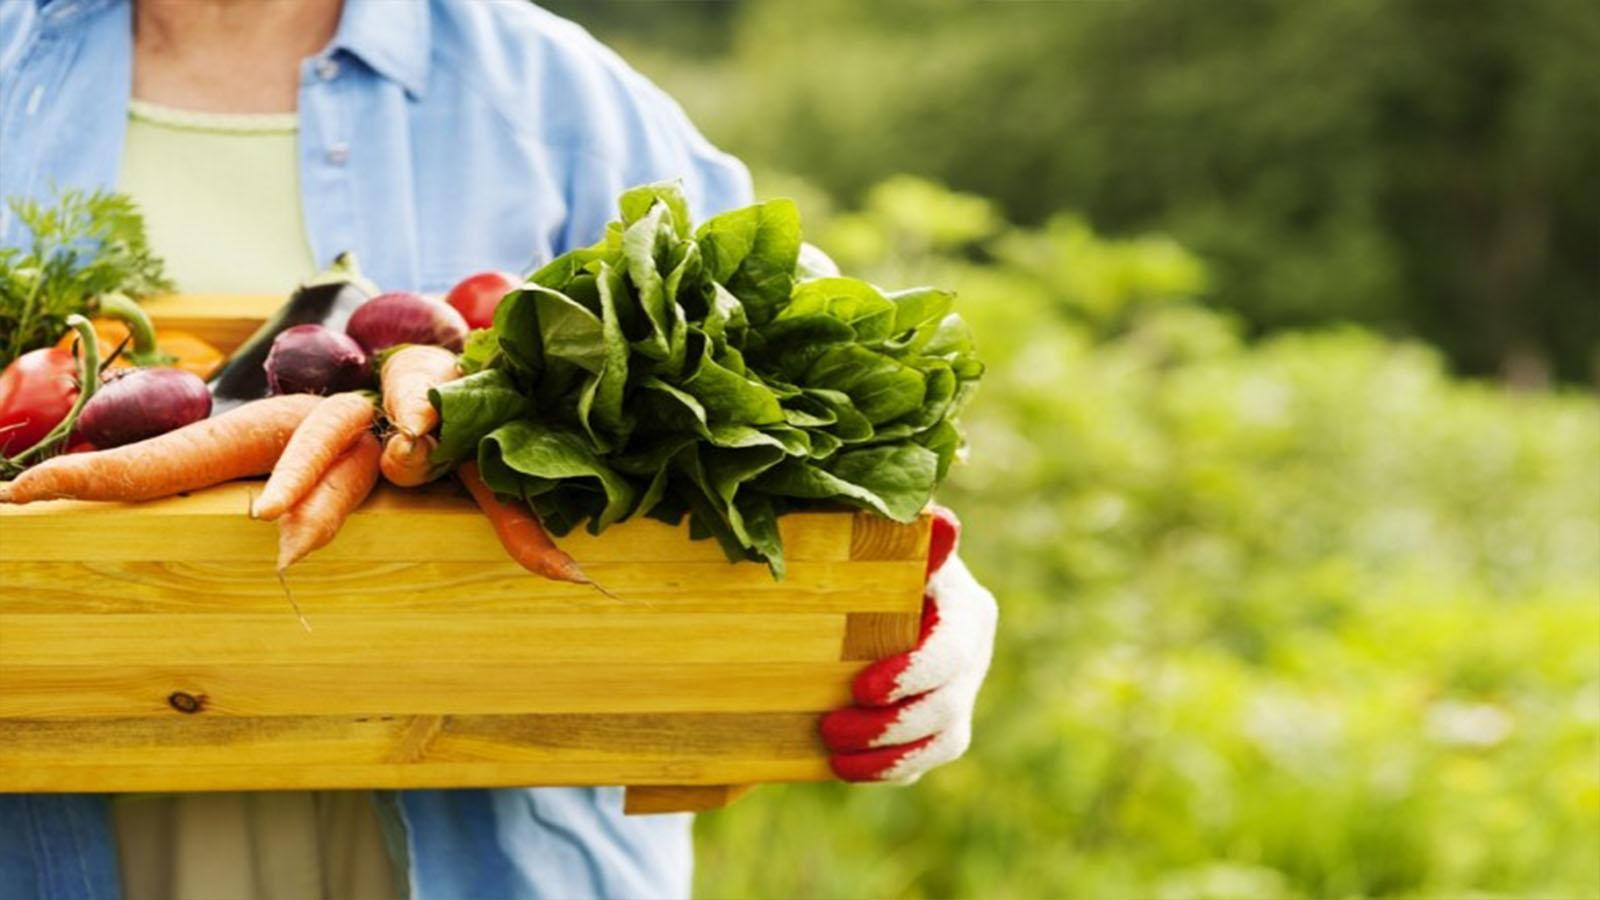 生の有機野菜で作るグリーンスムージーは危険!?